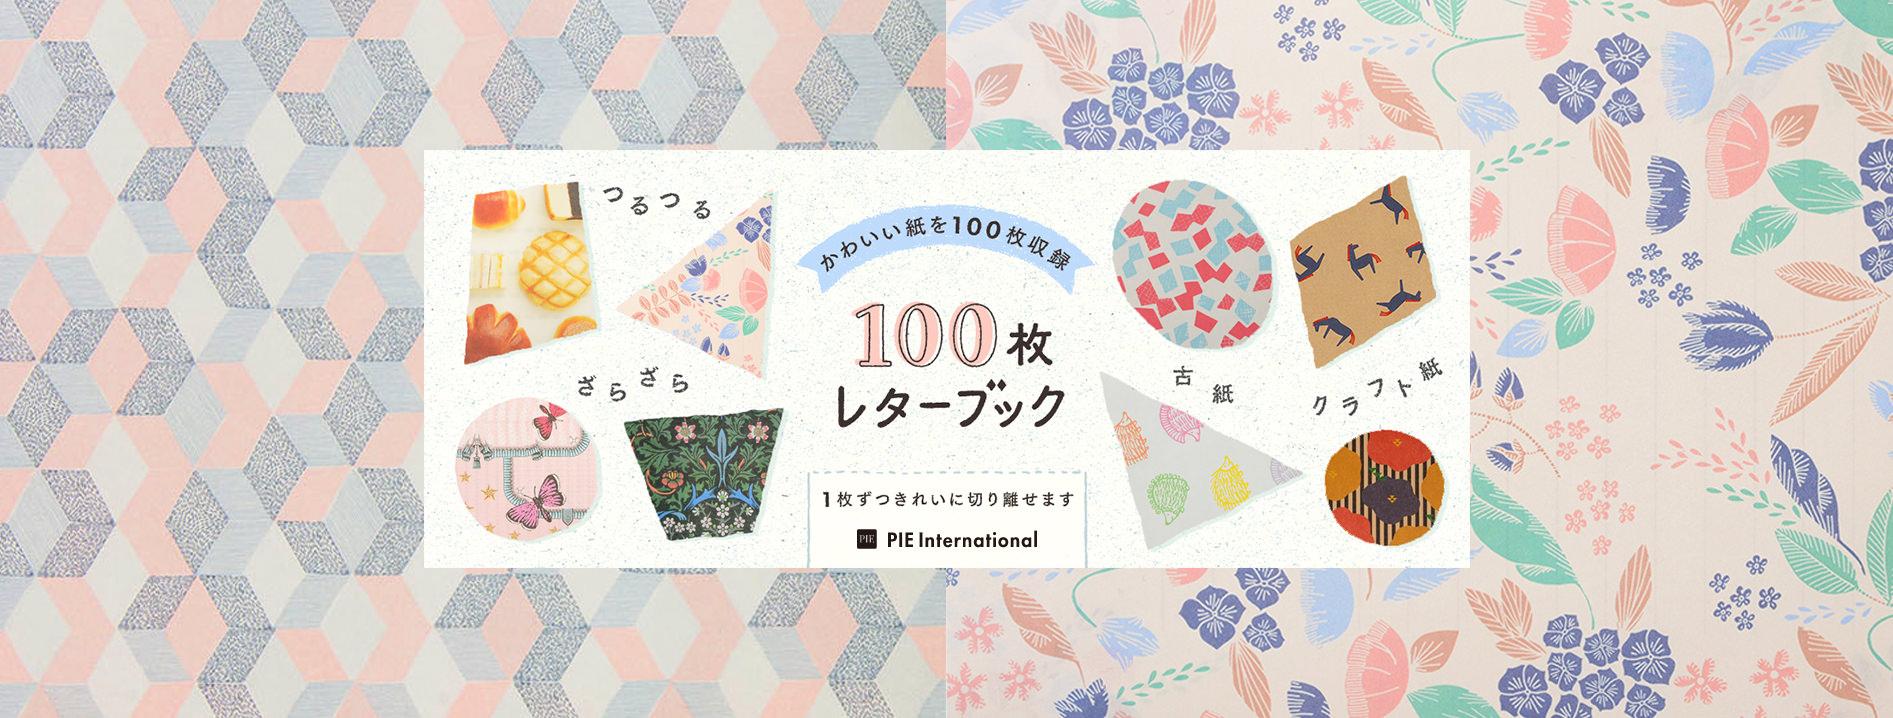 ウェブデザイン/PIE International 100枚レターブック